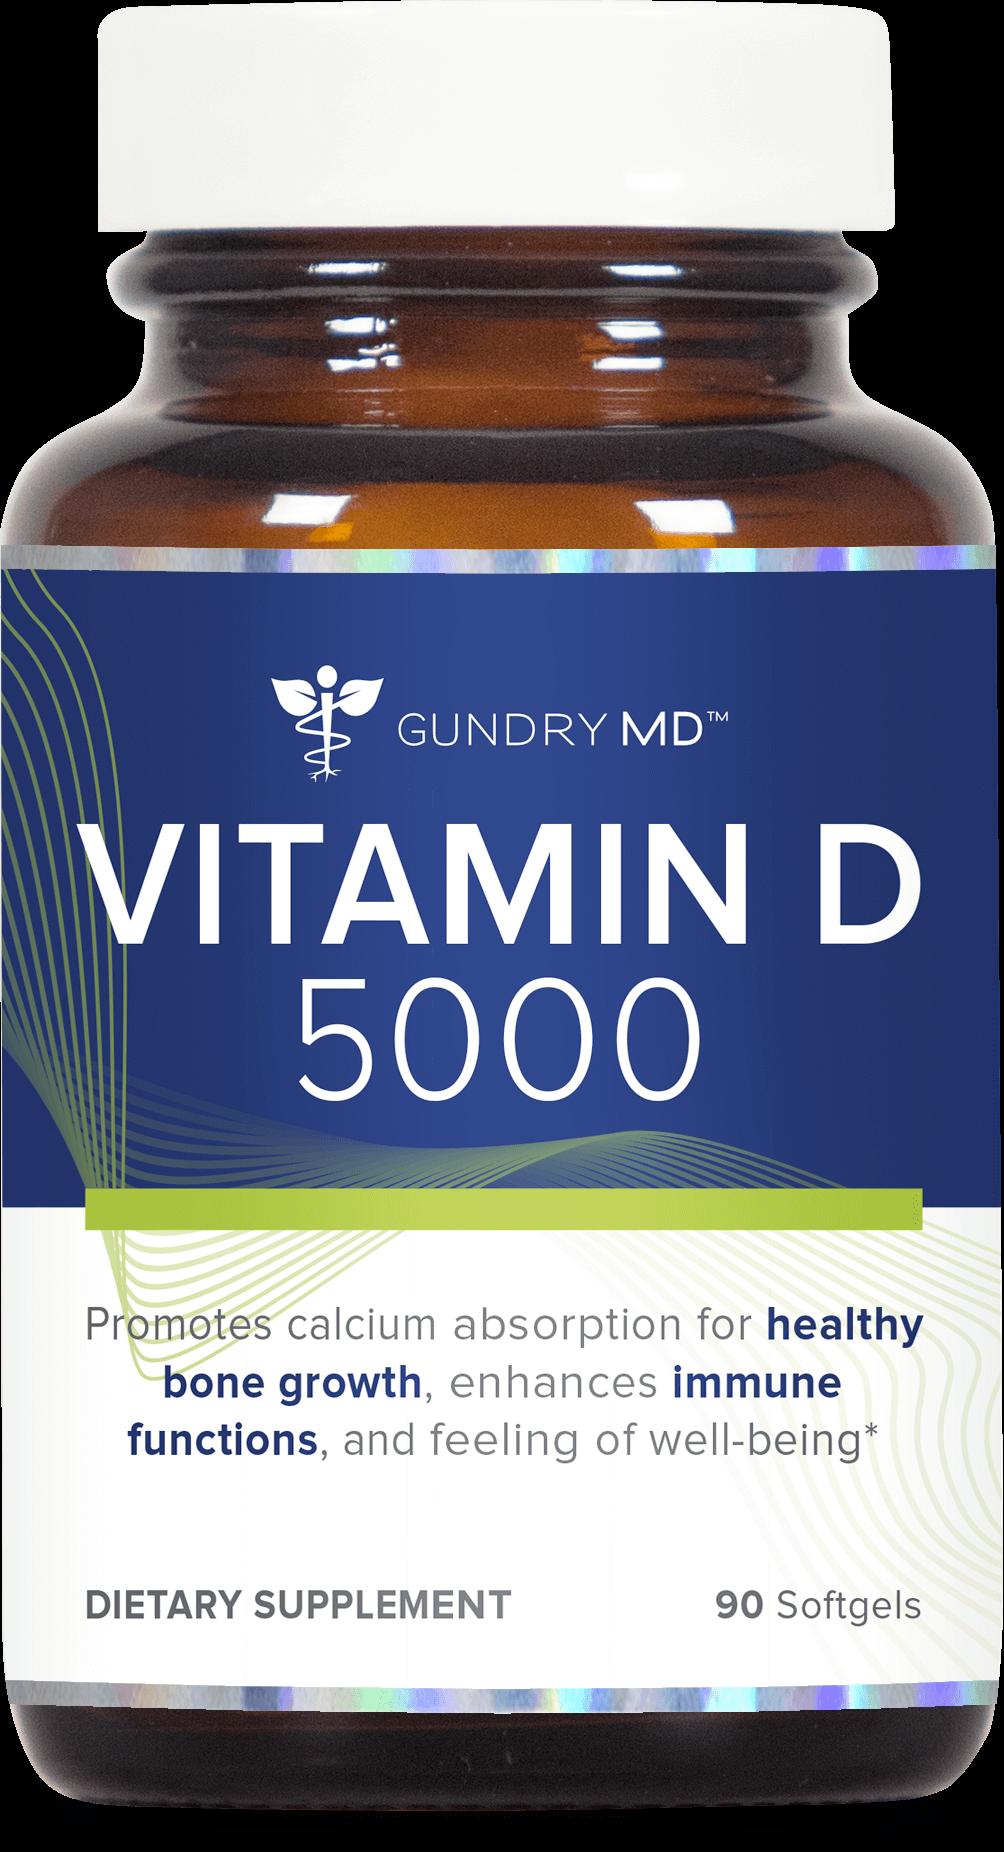 vitamind-shadow-3.png